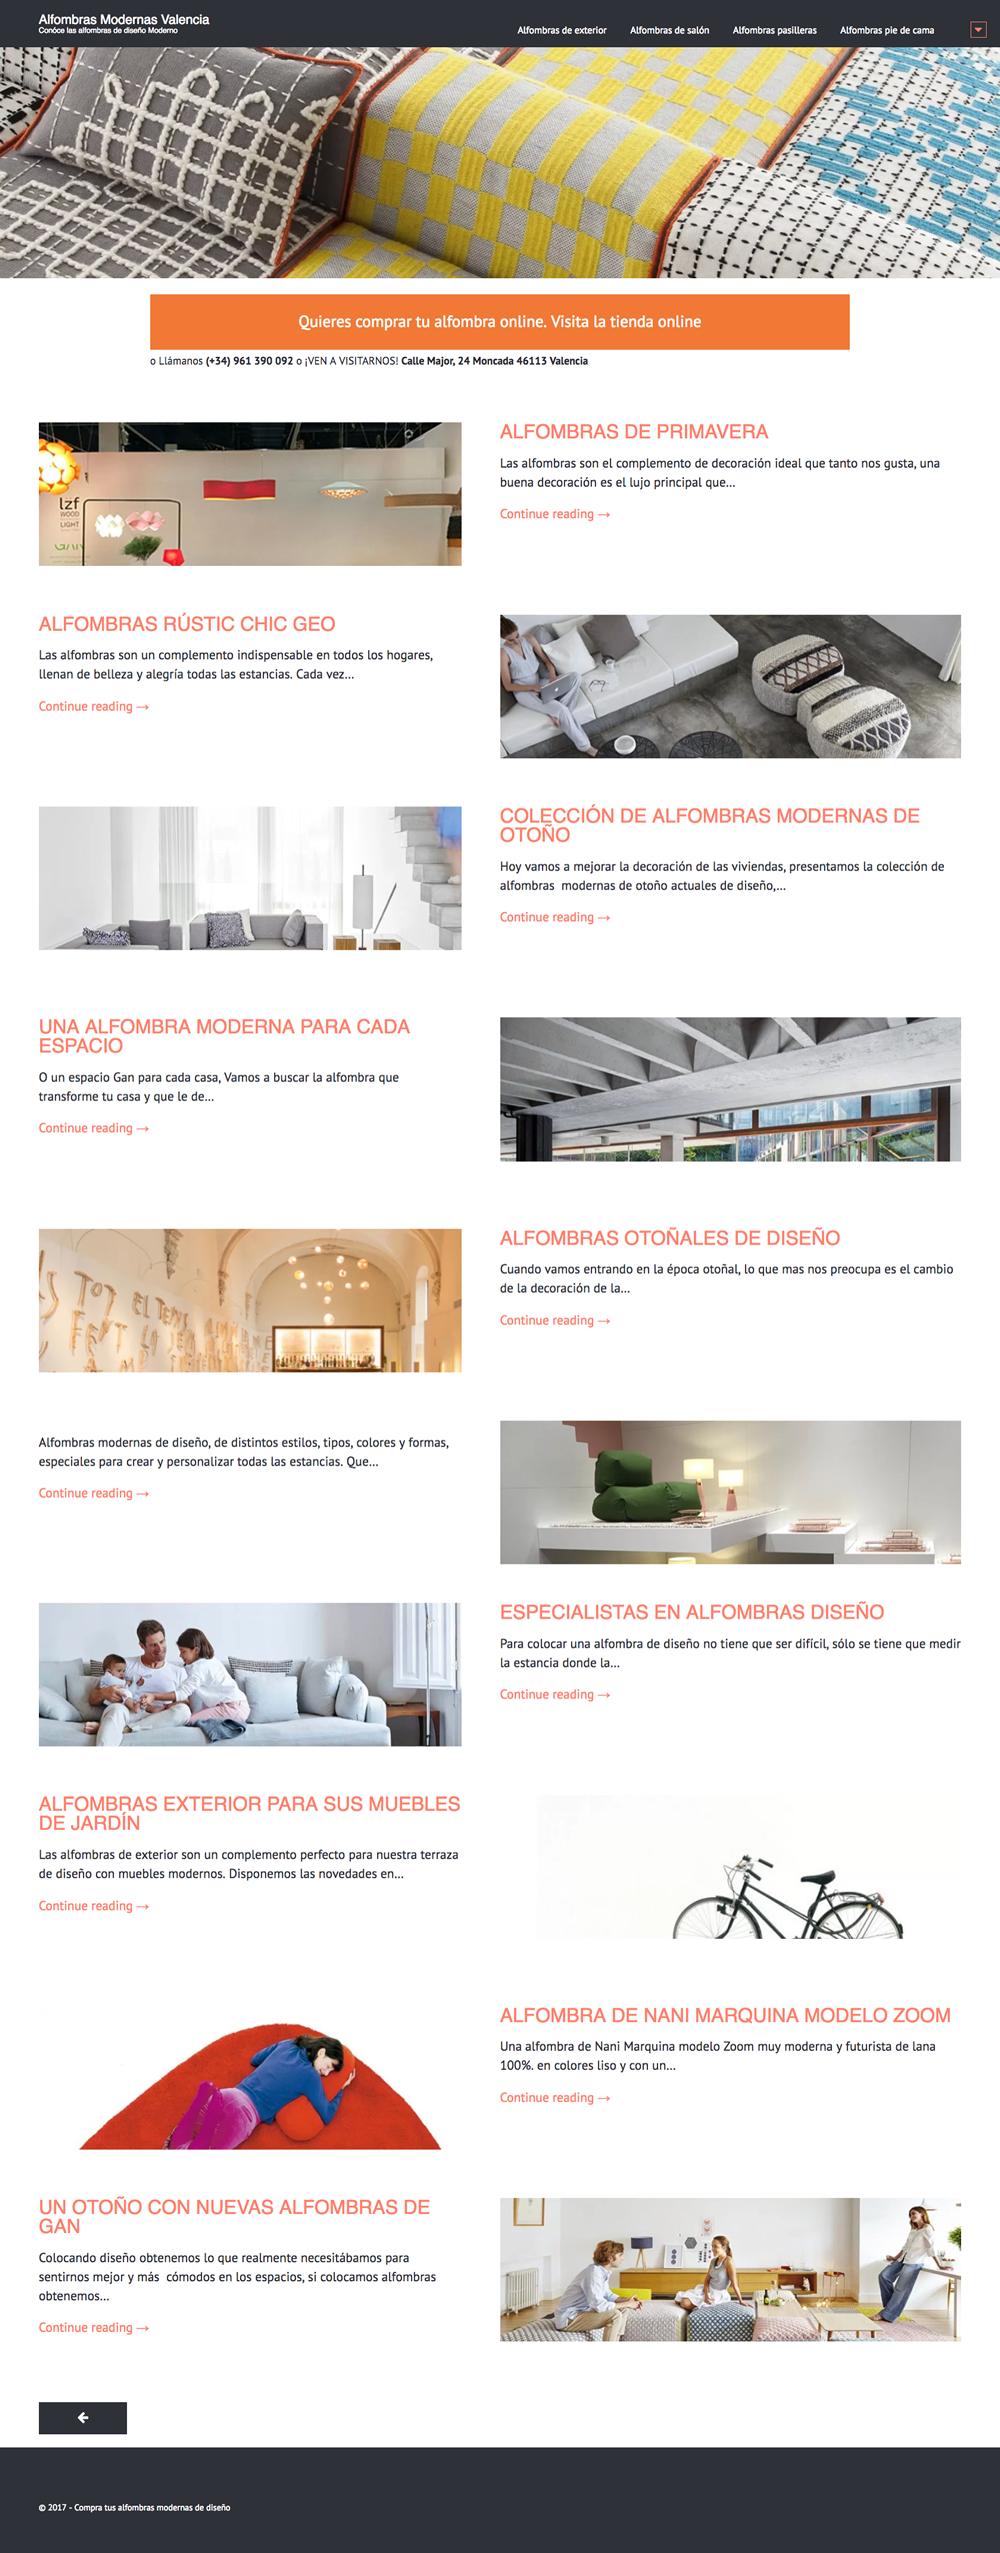 Desarrollo de blog para alfombras modernas de calidad